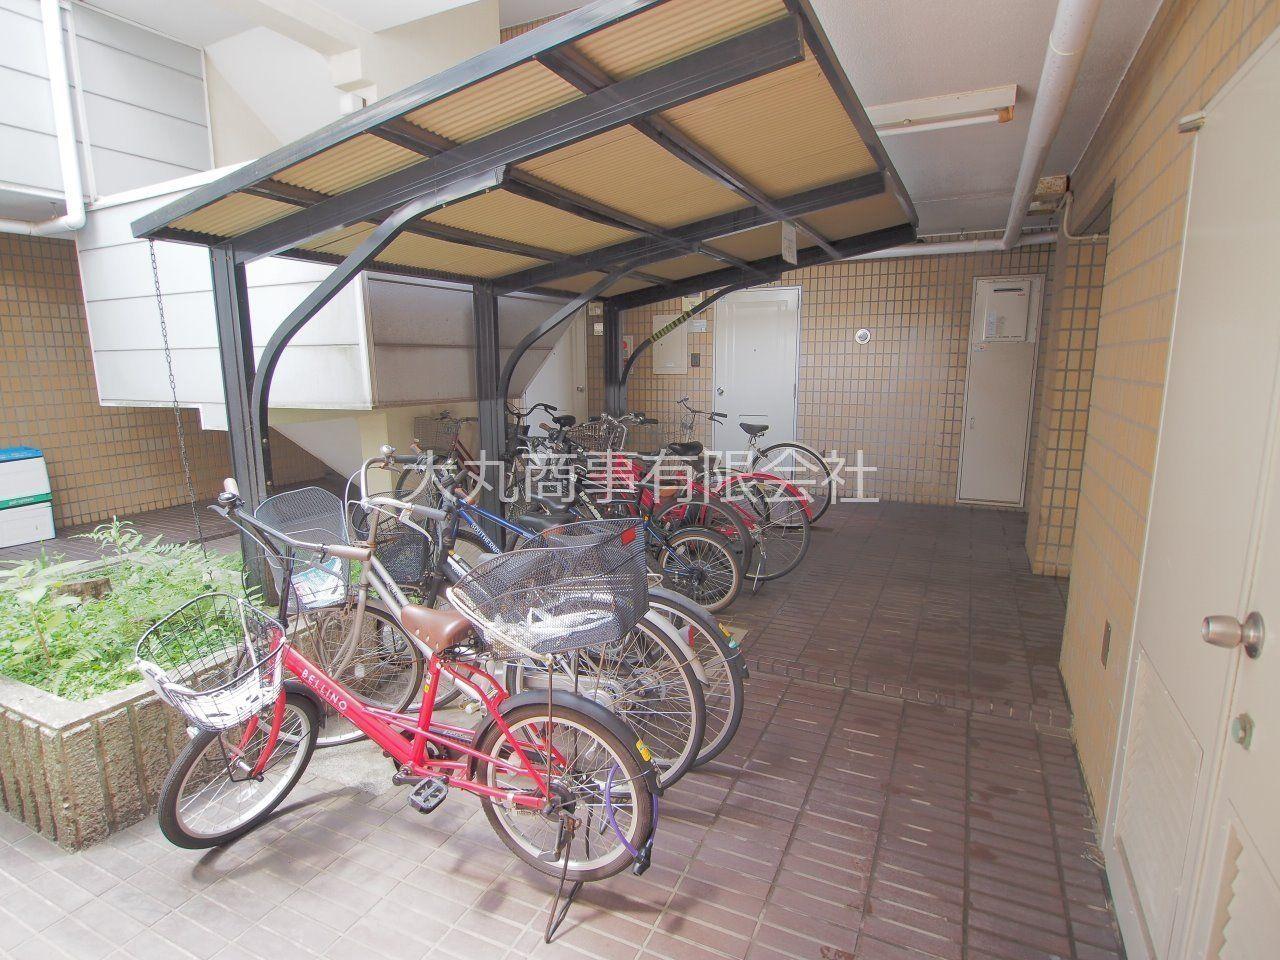 屋根付きで雨で自転車を濡らしません